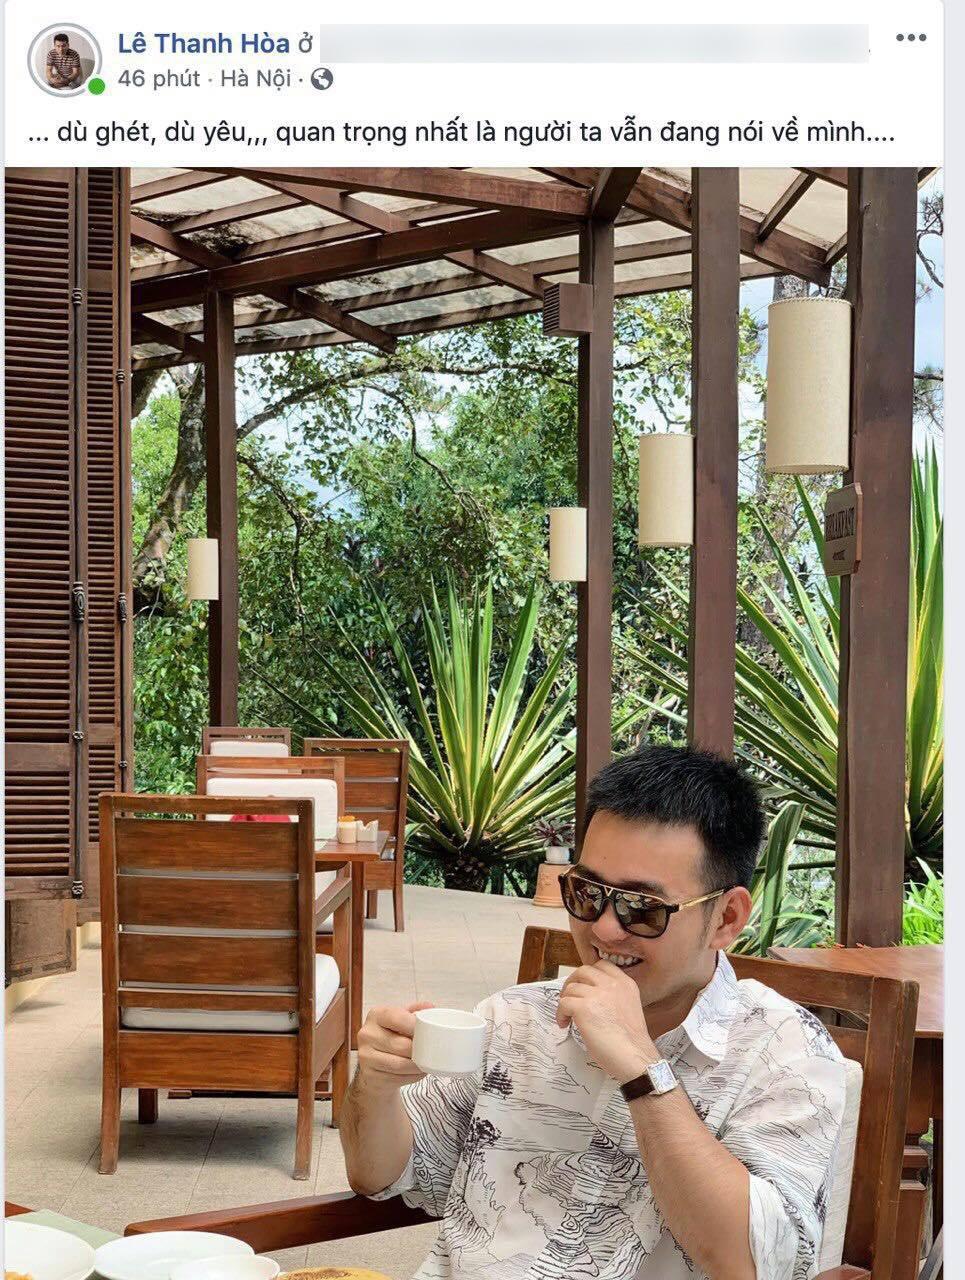 Bị tố đạo nhái, NTK Lê Thanh Hòa phản ứng thế nào? - Ảnh 2.